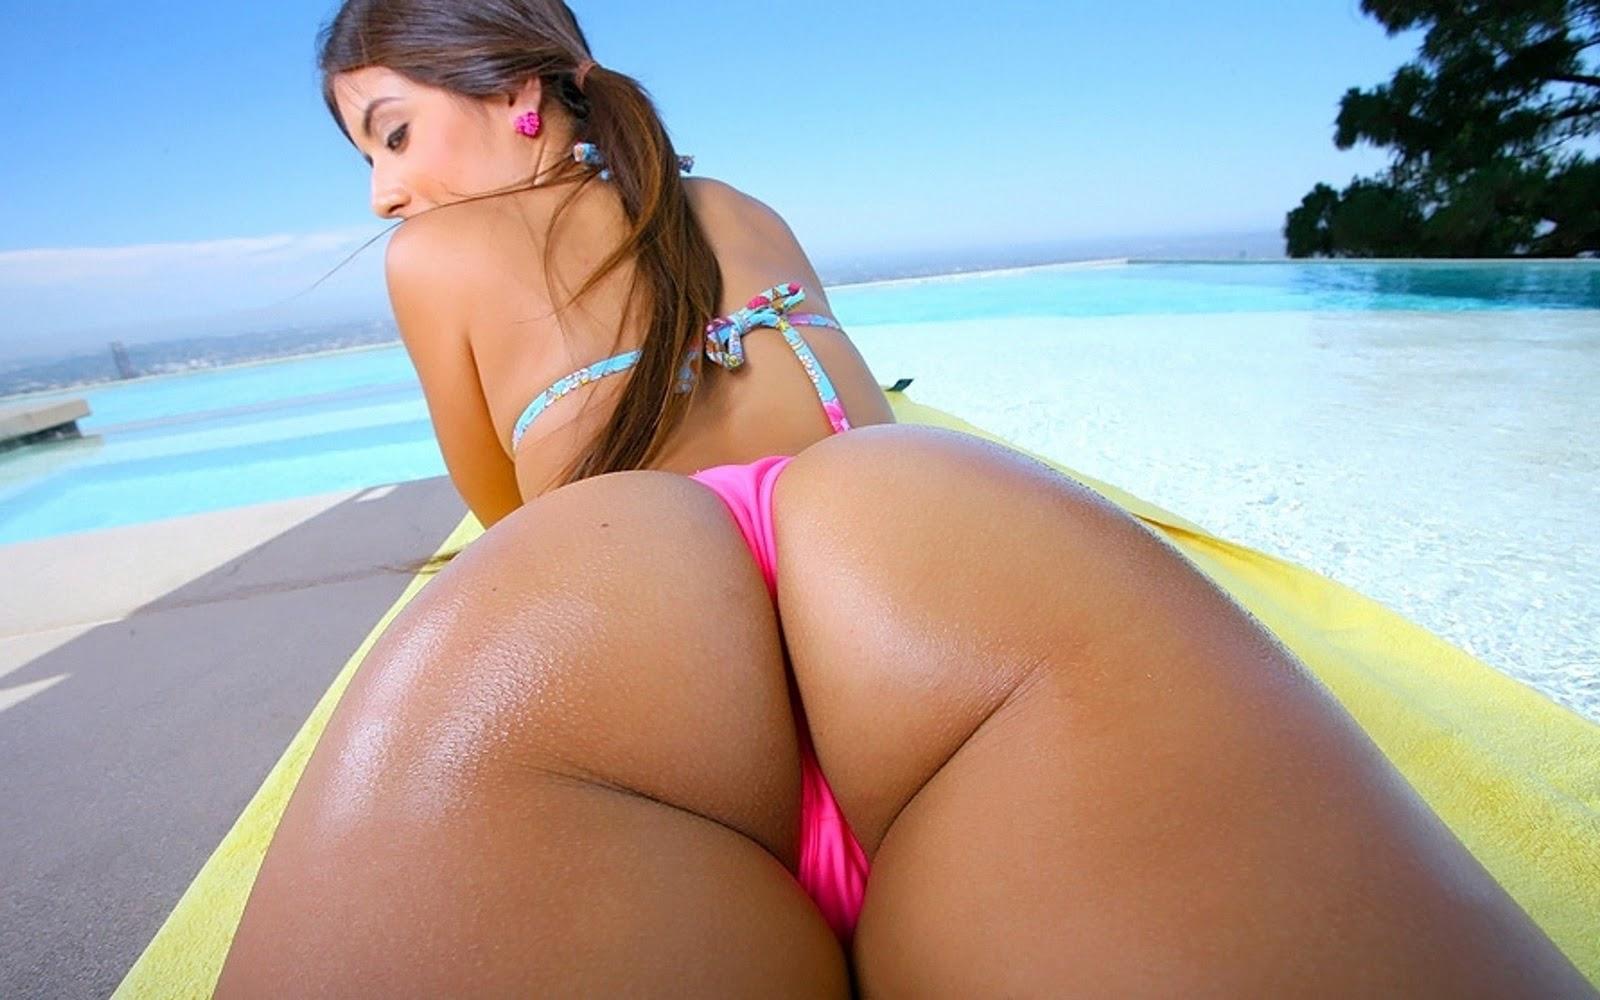 http://1.bp.blogspot.com/_Kpi0thIqeJI/TS60PaDnl0I/AAAAAAAACJo/FnPaAWjHX8o/s1600/sexy+girls+2011+%252818%2529.jpg